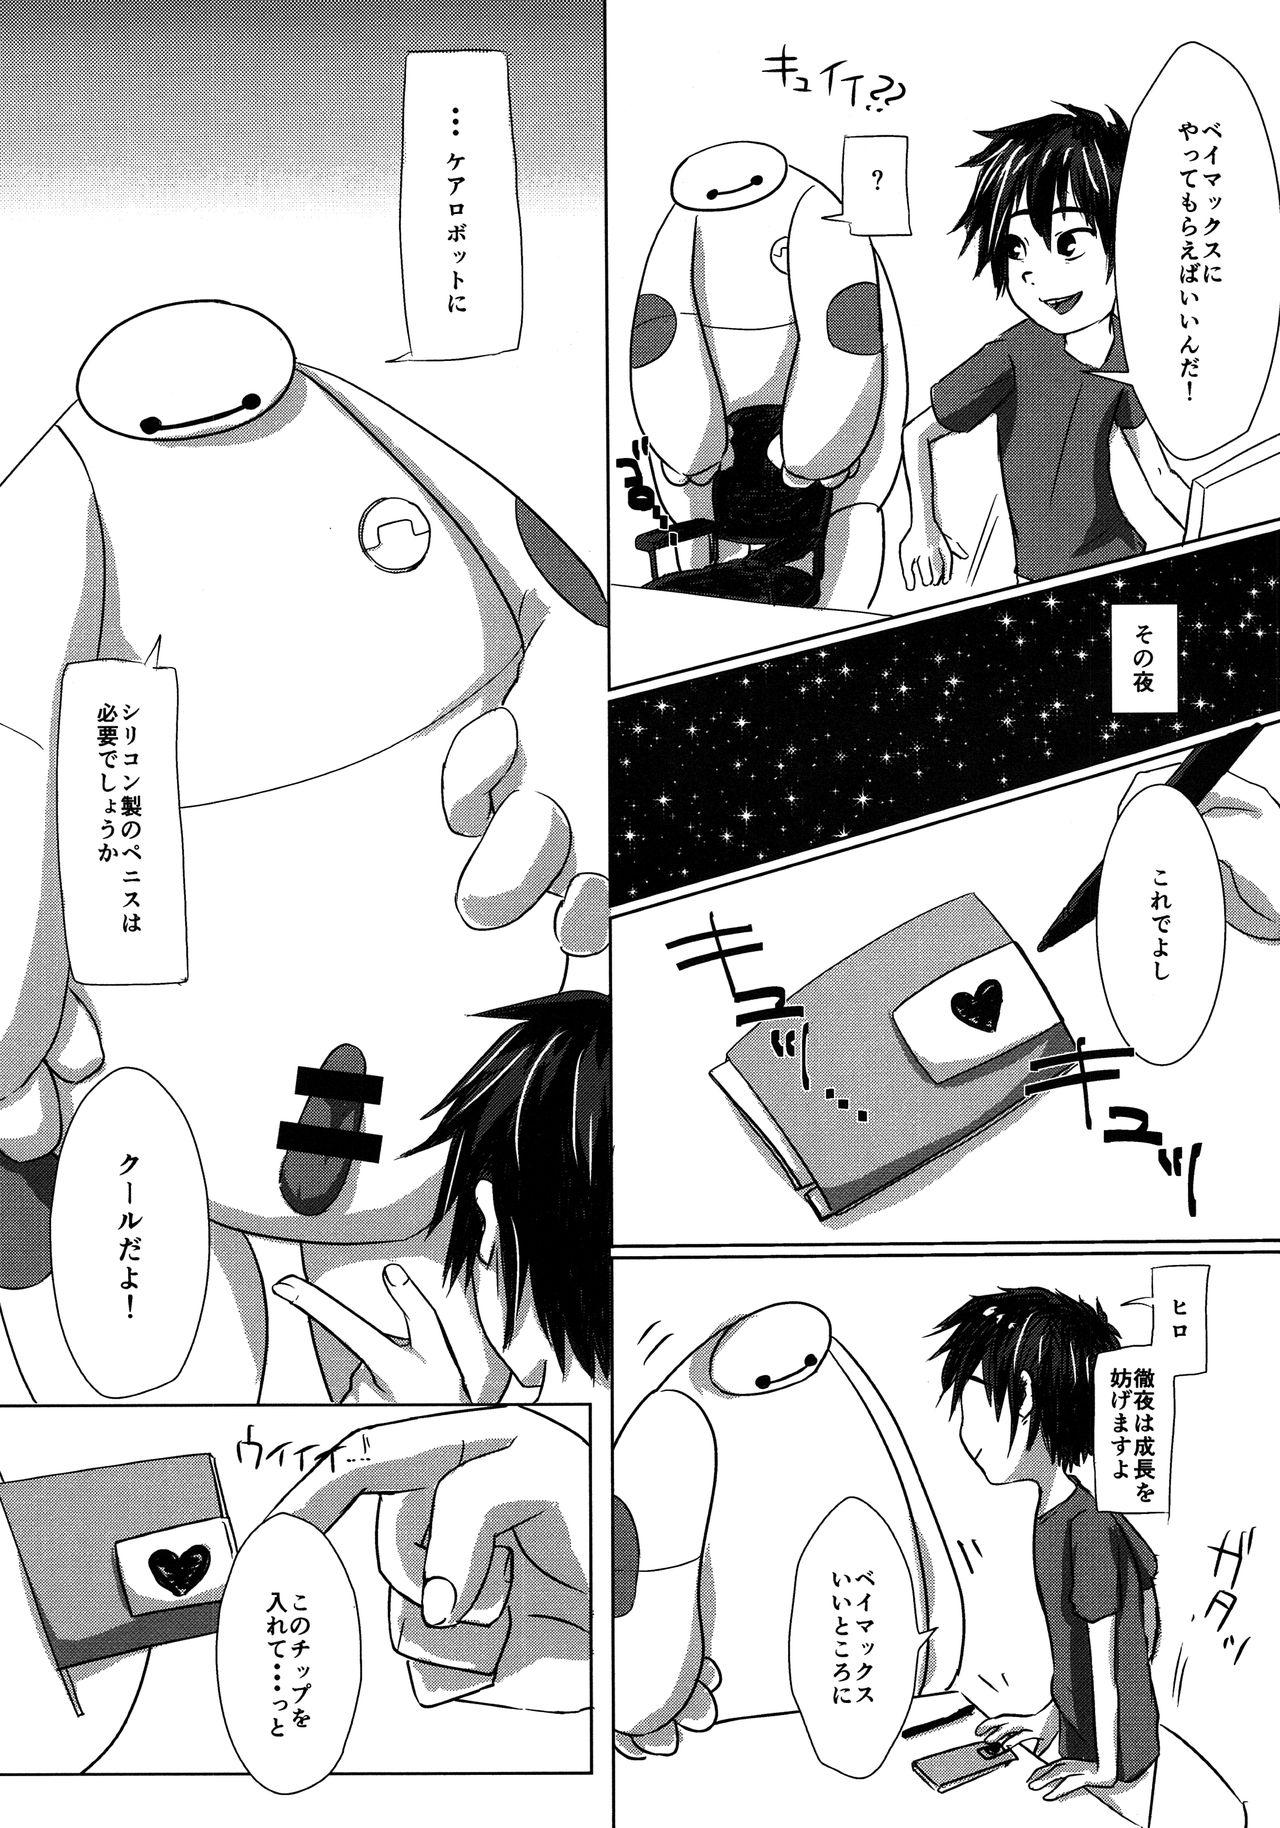 Hitori De Dekiru Mon 6